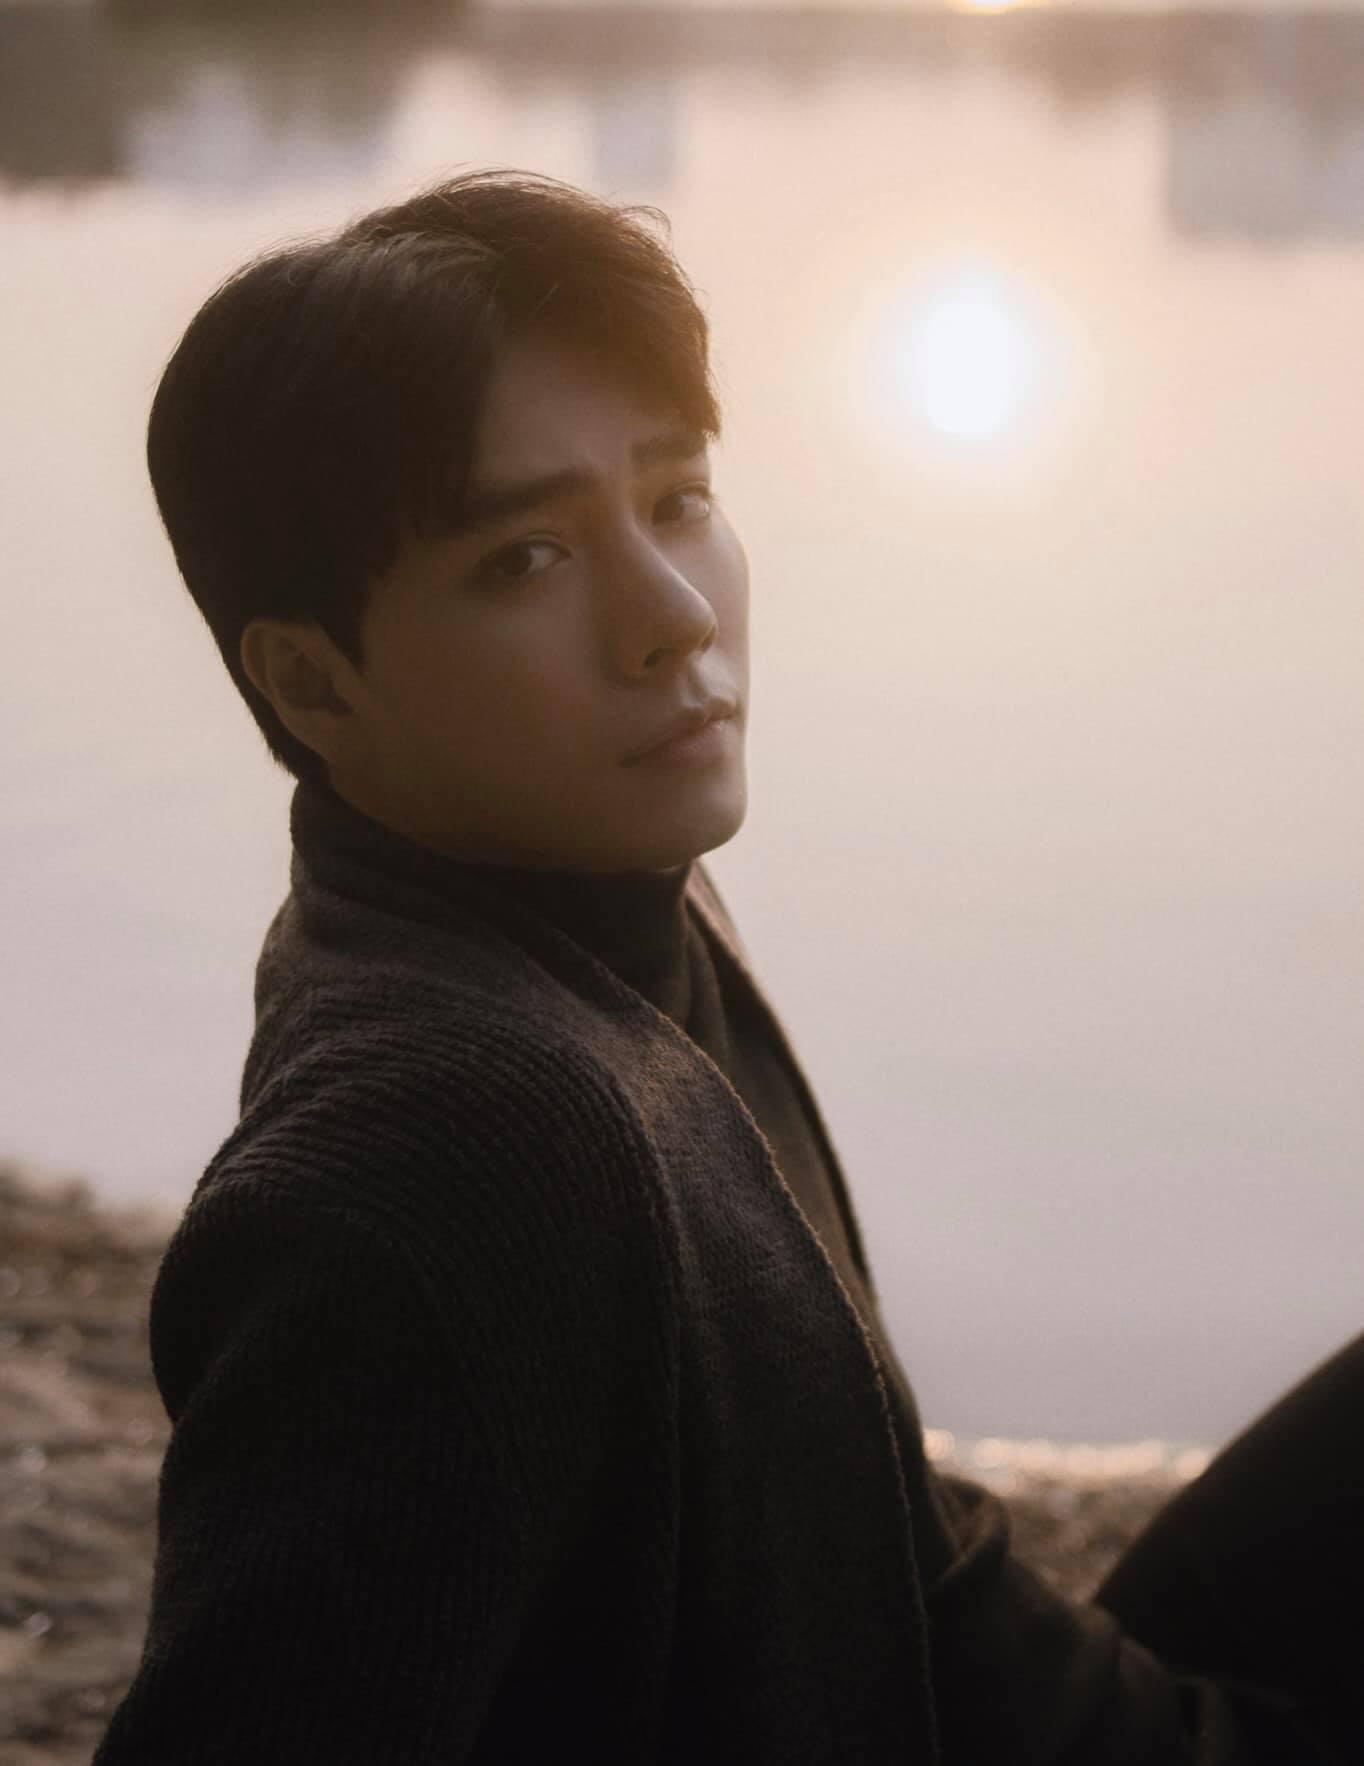 Sau khi được chú ý, Hải Nam bắt đầu có duyên với diễn xuất, từng đóng sitcom, phim ngắn... Các dự án nổi bật của 9x này có thể kể đến: Chị đứng đấy chờ em đến, Chỉ có thể là em, 10 năm hàng xóm..., web-drama Hoàng Quý Muội.